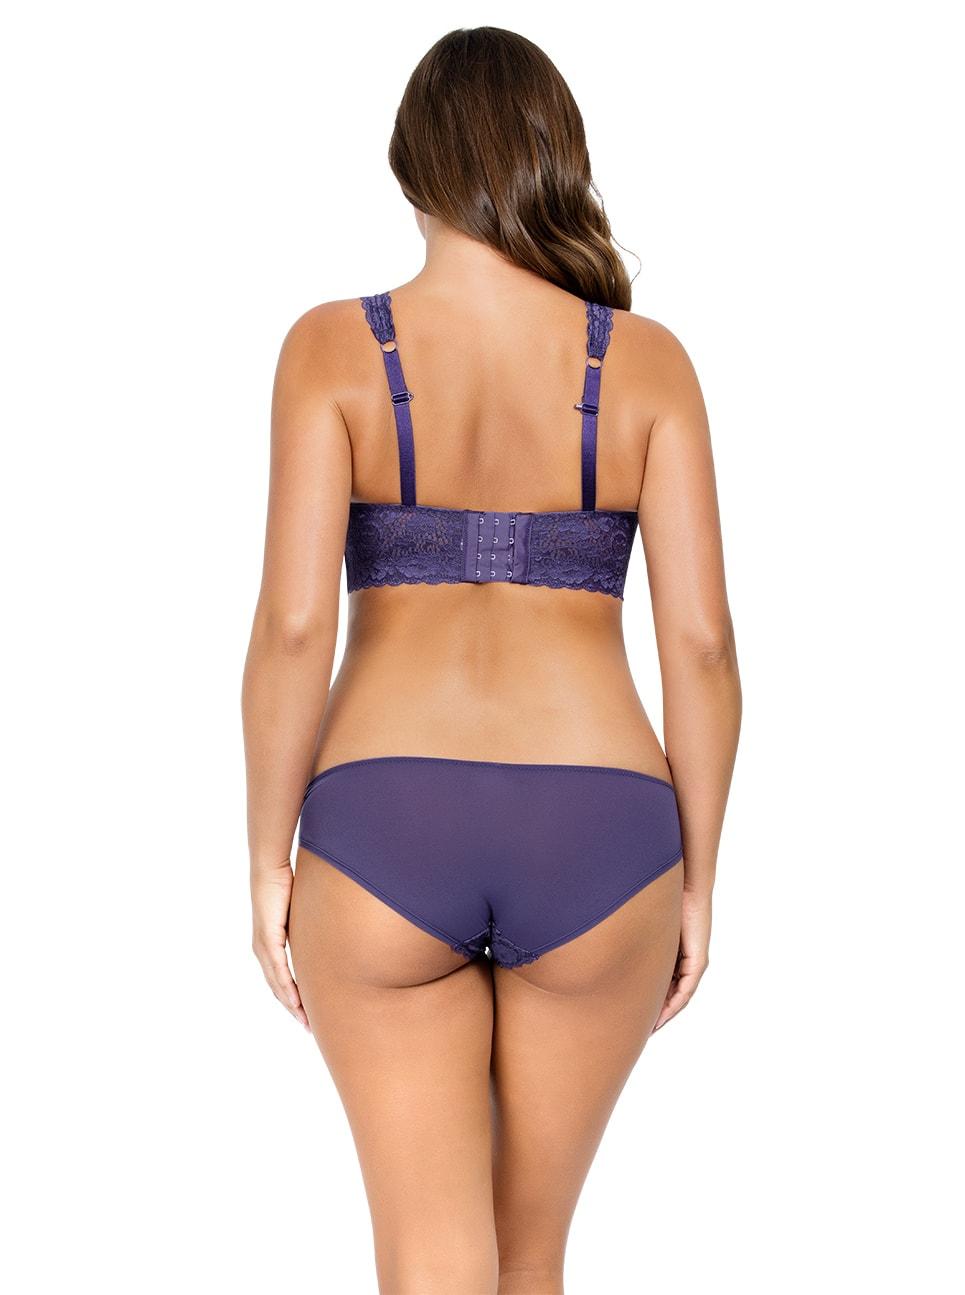 PARFAIT Adriana LaceBraletteP5482 BikiniP5483 Mulberry Back copy 2 - Adriana Bikini - Mulberry - P5483